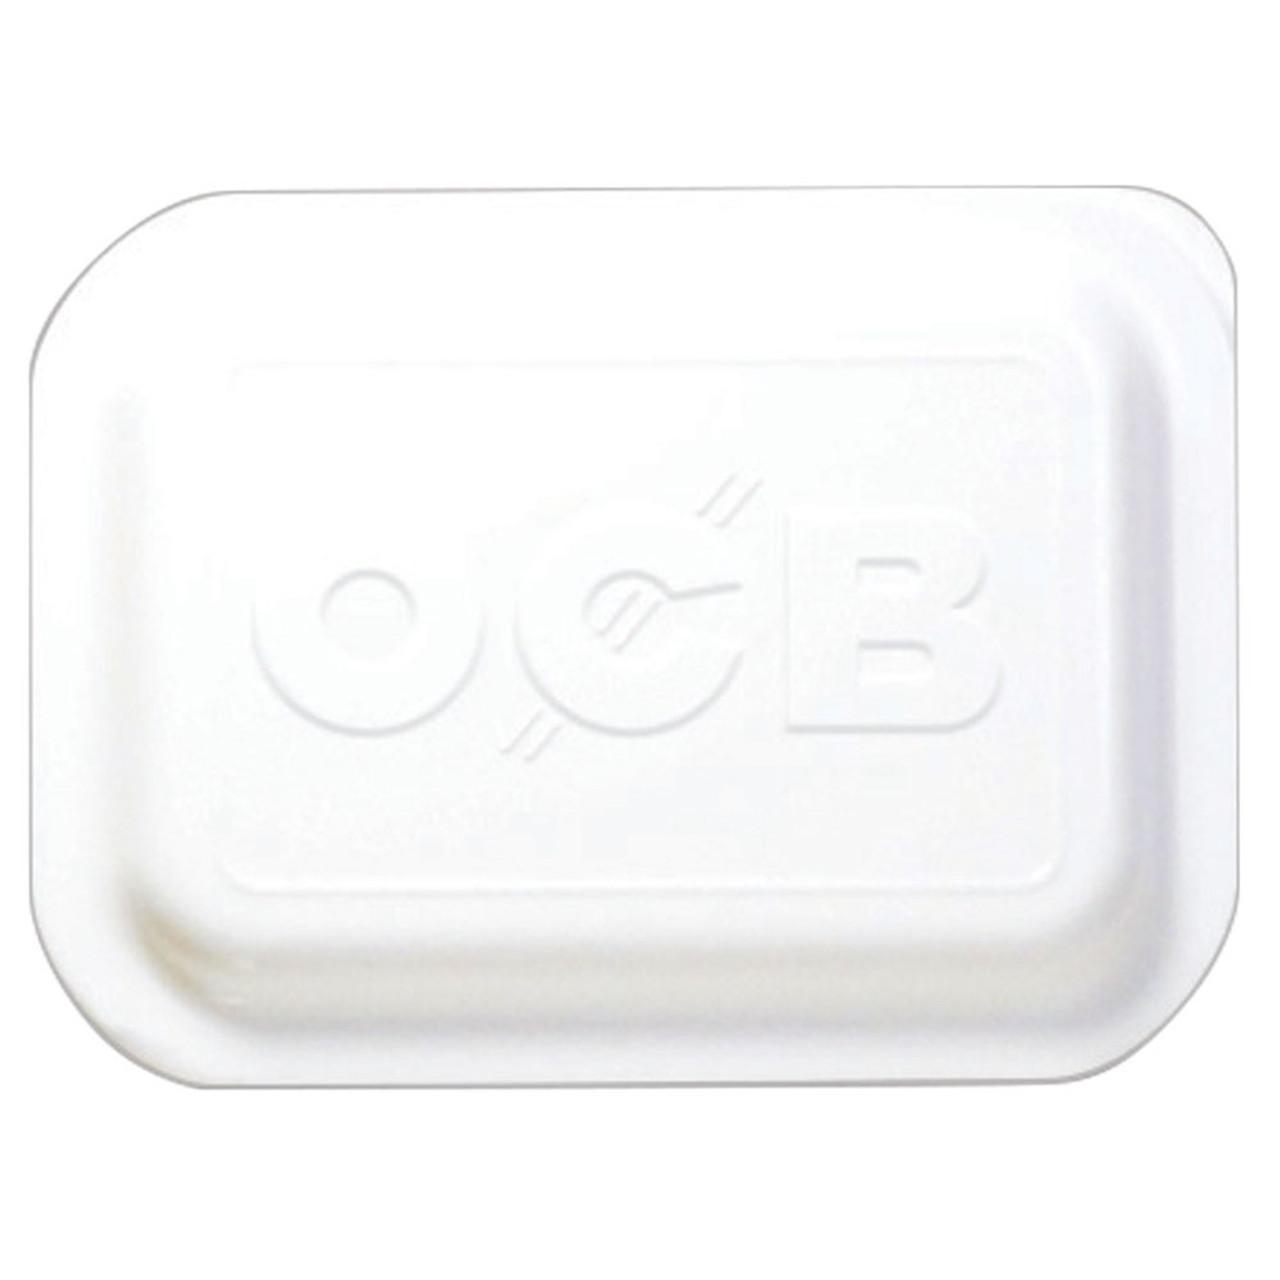 OCB - White Tray Lid